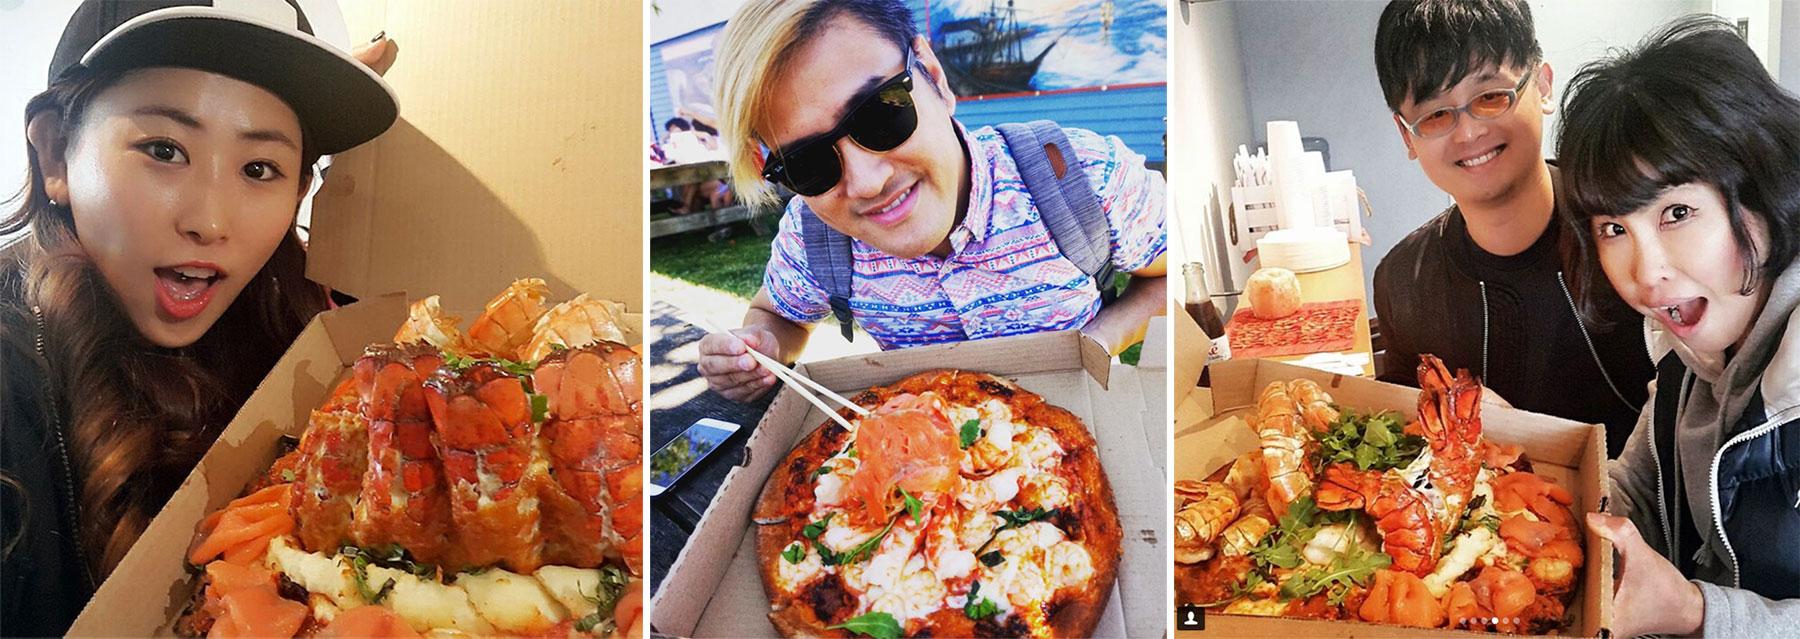 Пицца за 850 долларов: что за лохи её едят? ванкувер